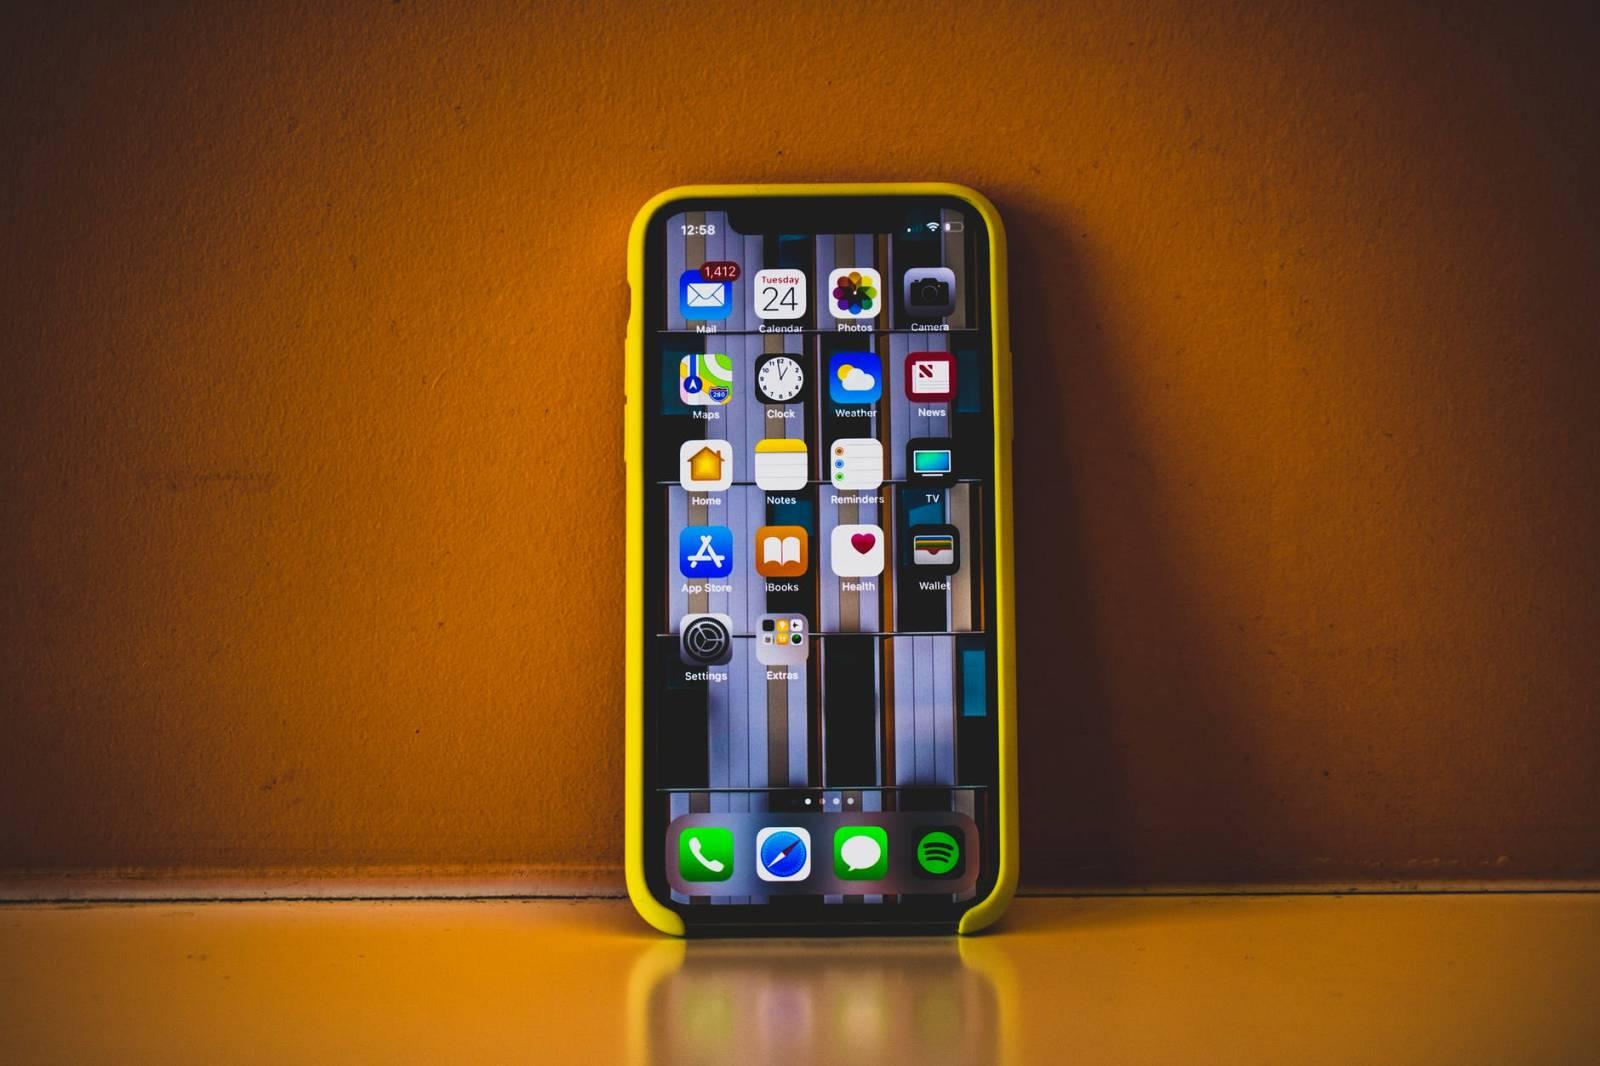 ATENTEI! ORICE iPhone Poate fi SPART chiar Atat de SIMPLU